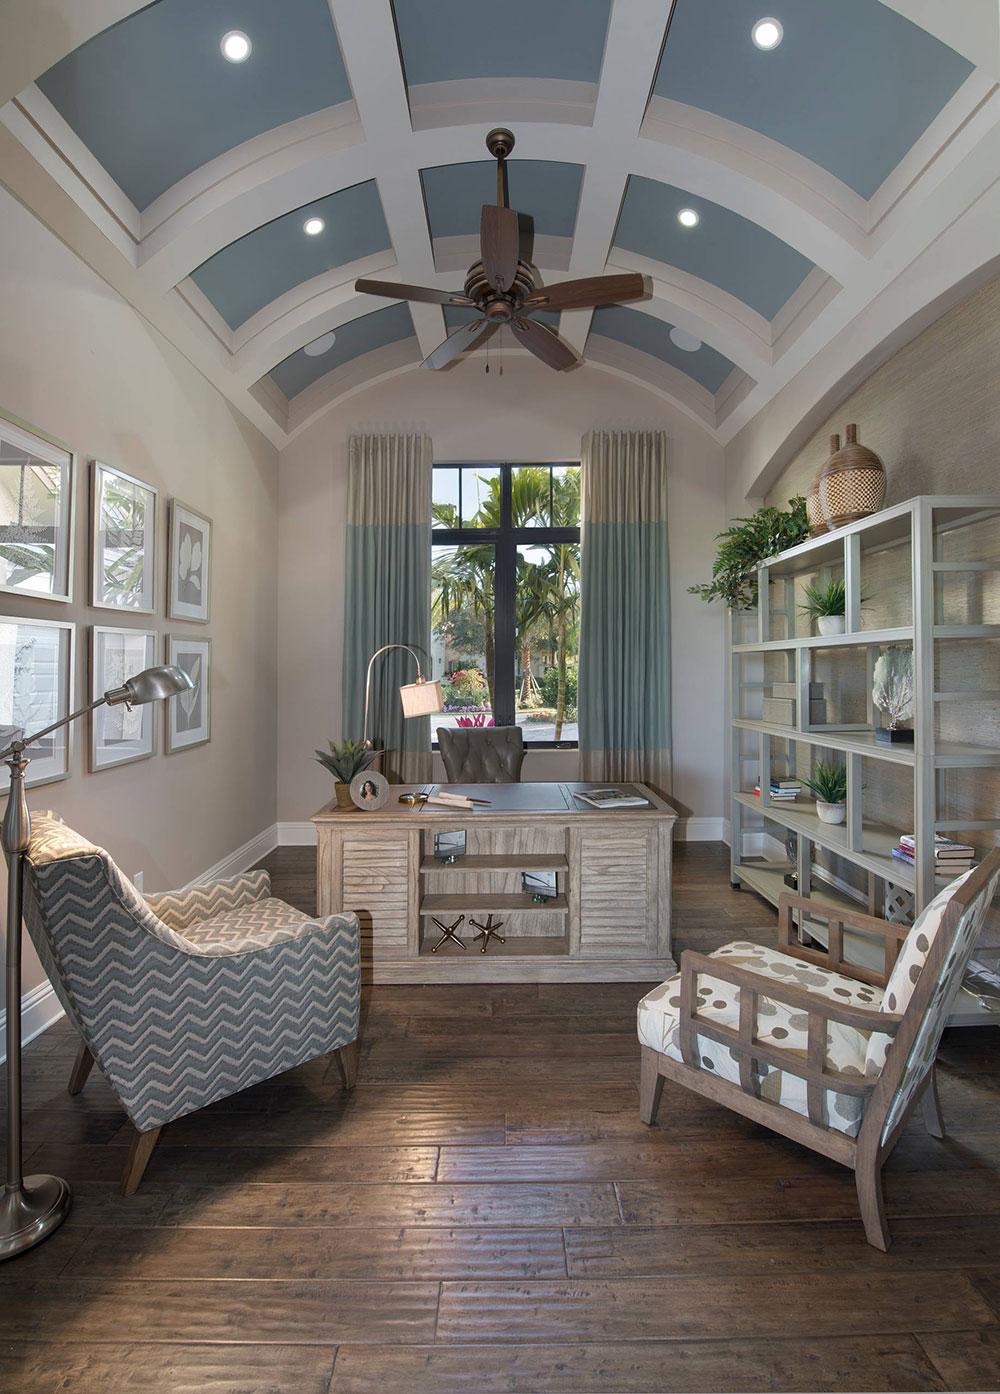 Idéer-för-att-bygga-ditt-hem-kontor-din-stil2 idéer-för att bygga-ditt-hem-kontor-the-style